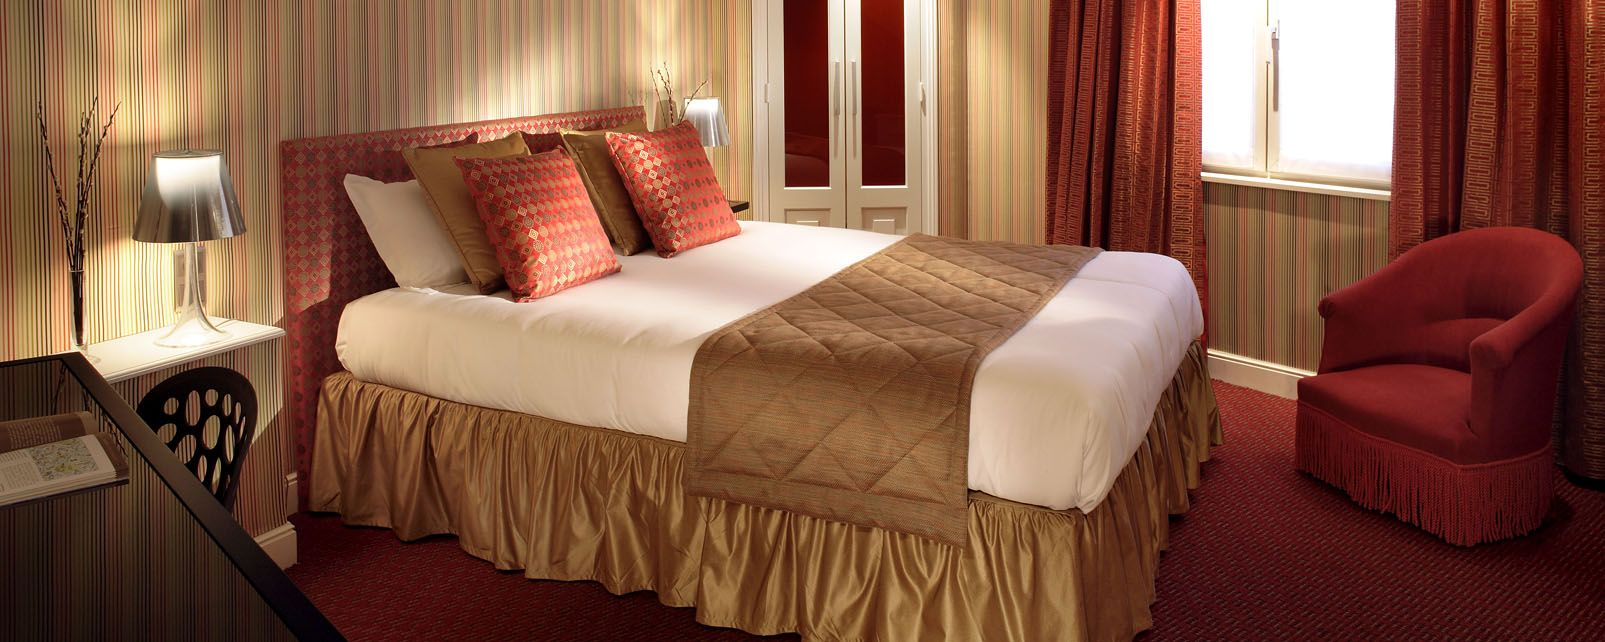 Hotel Best Western Premier Hotel Opal